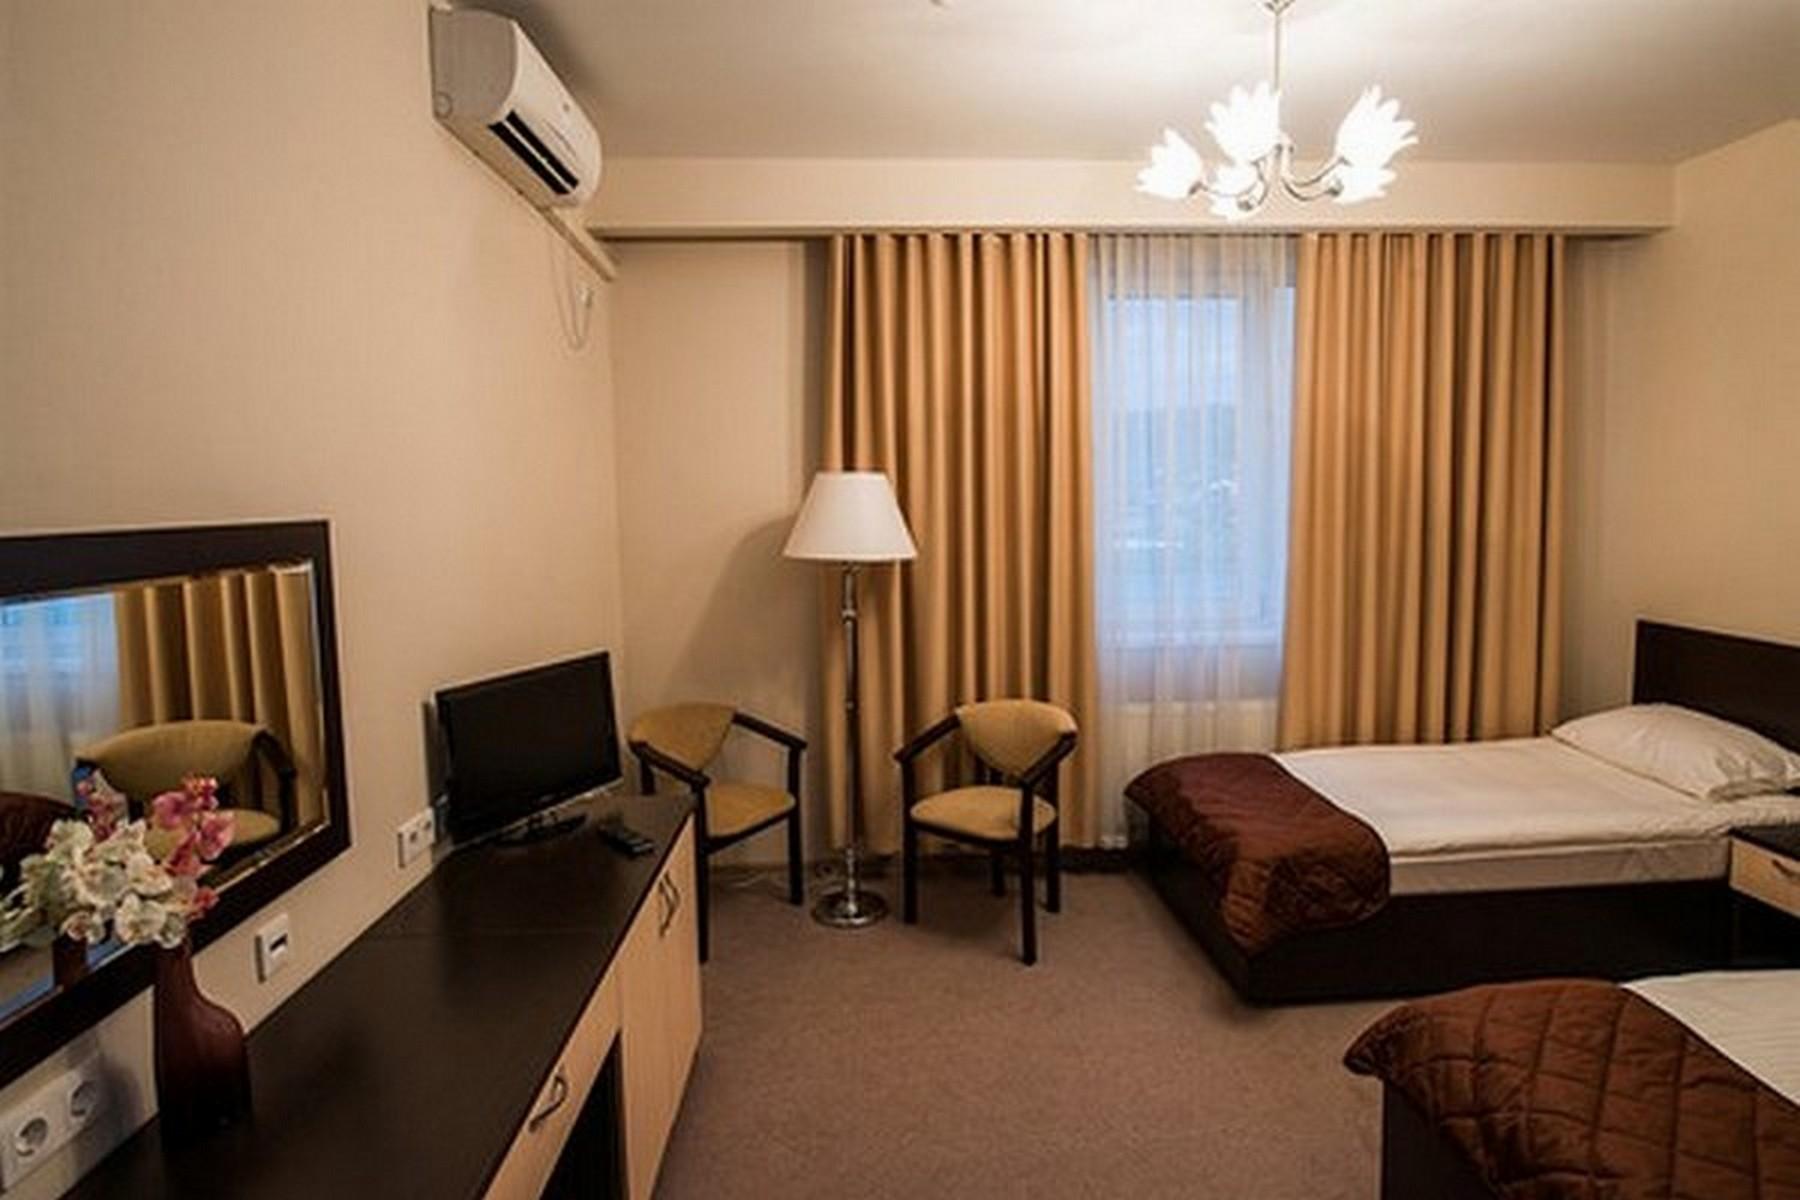 Русские в отеле фото 10 фотография